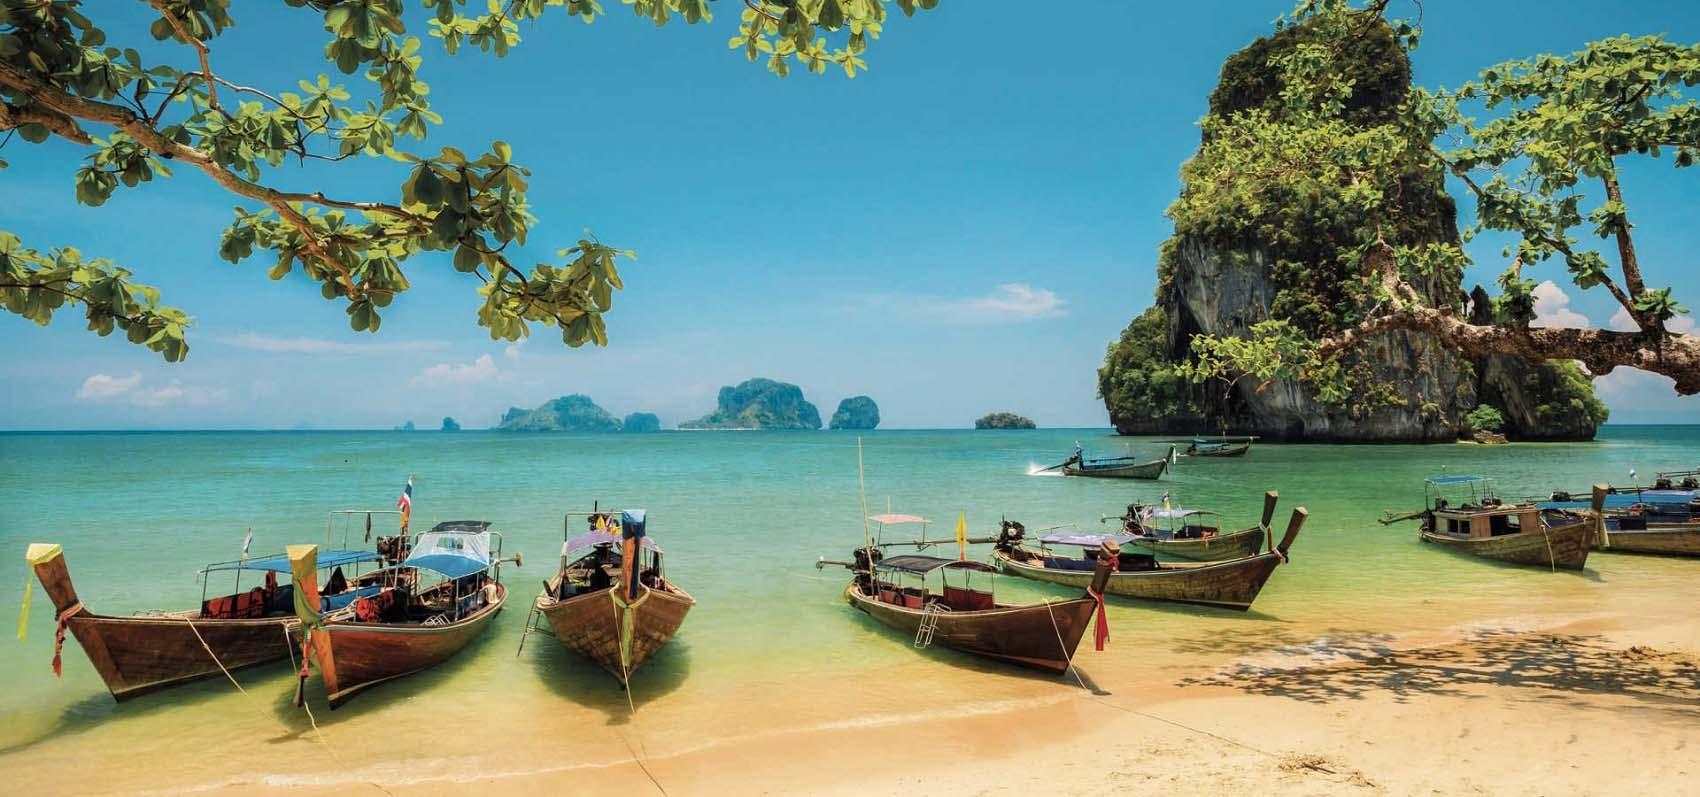 سواحل تایلند ، ۹ ساحل خاص و زیبا برای یک سفر متفاوت